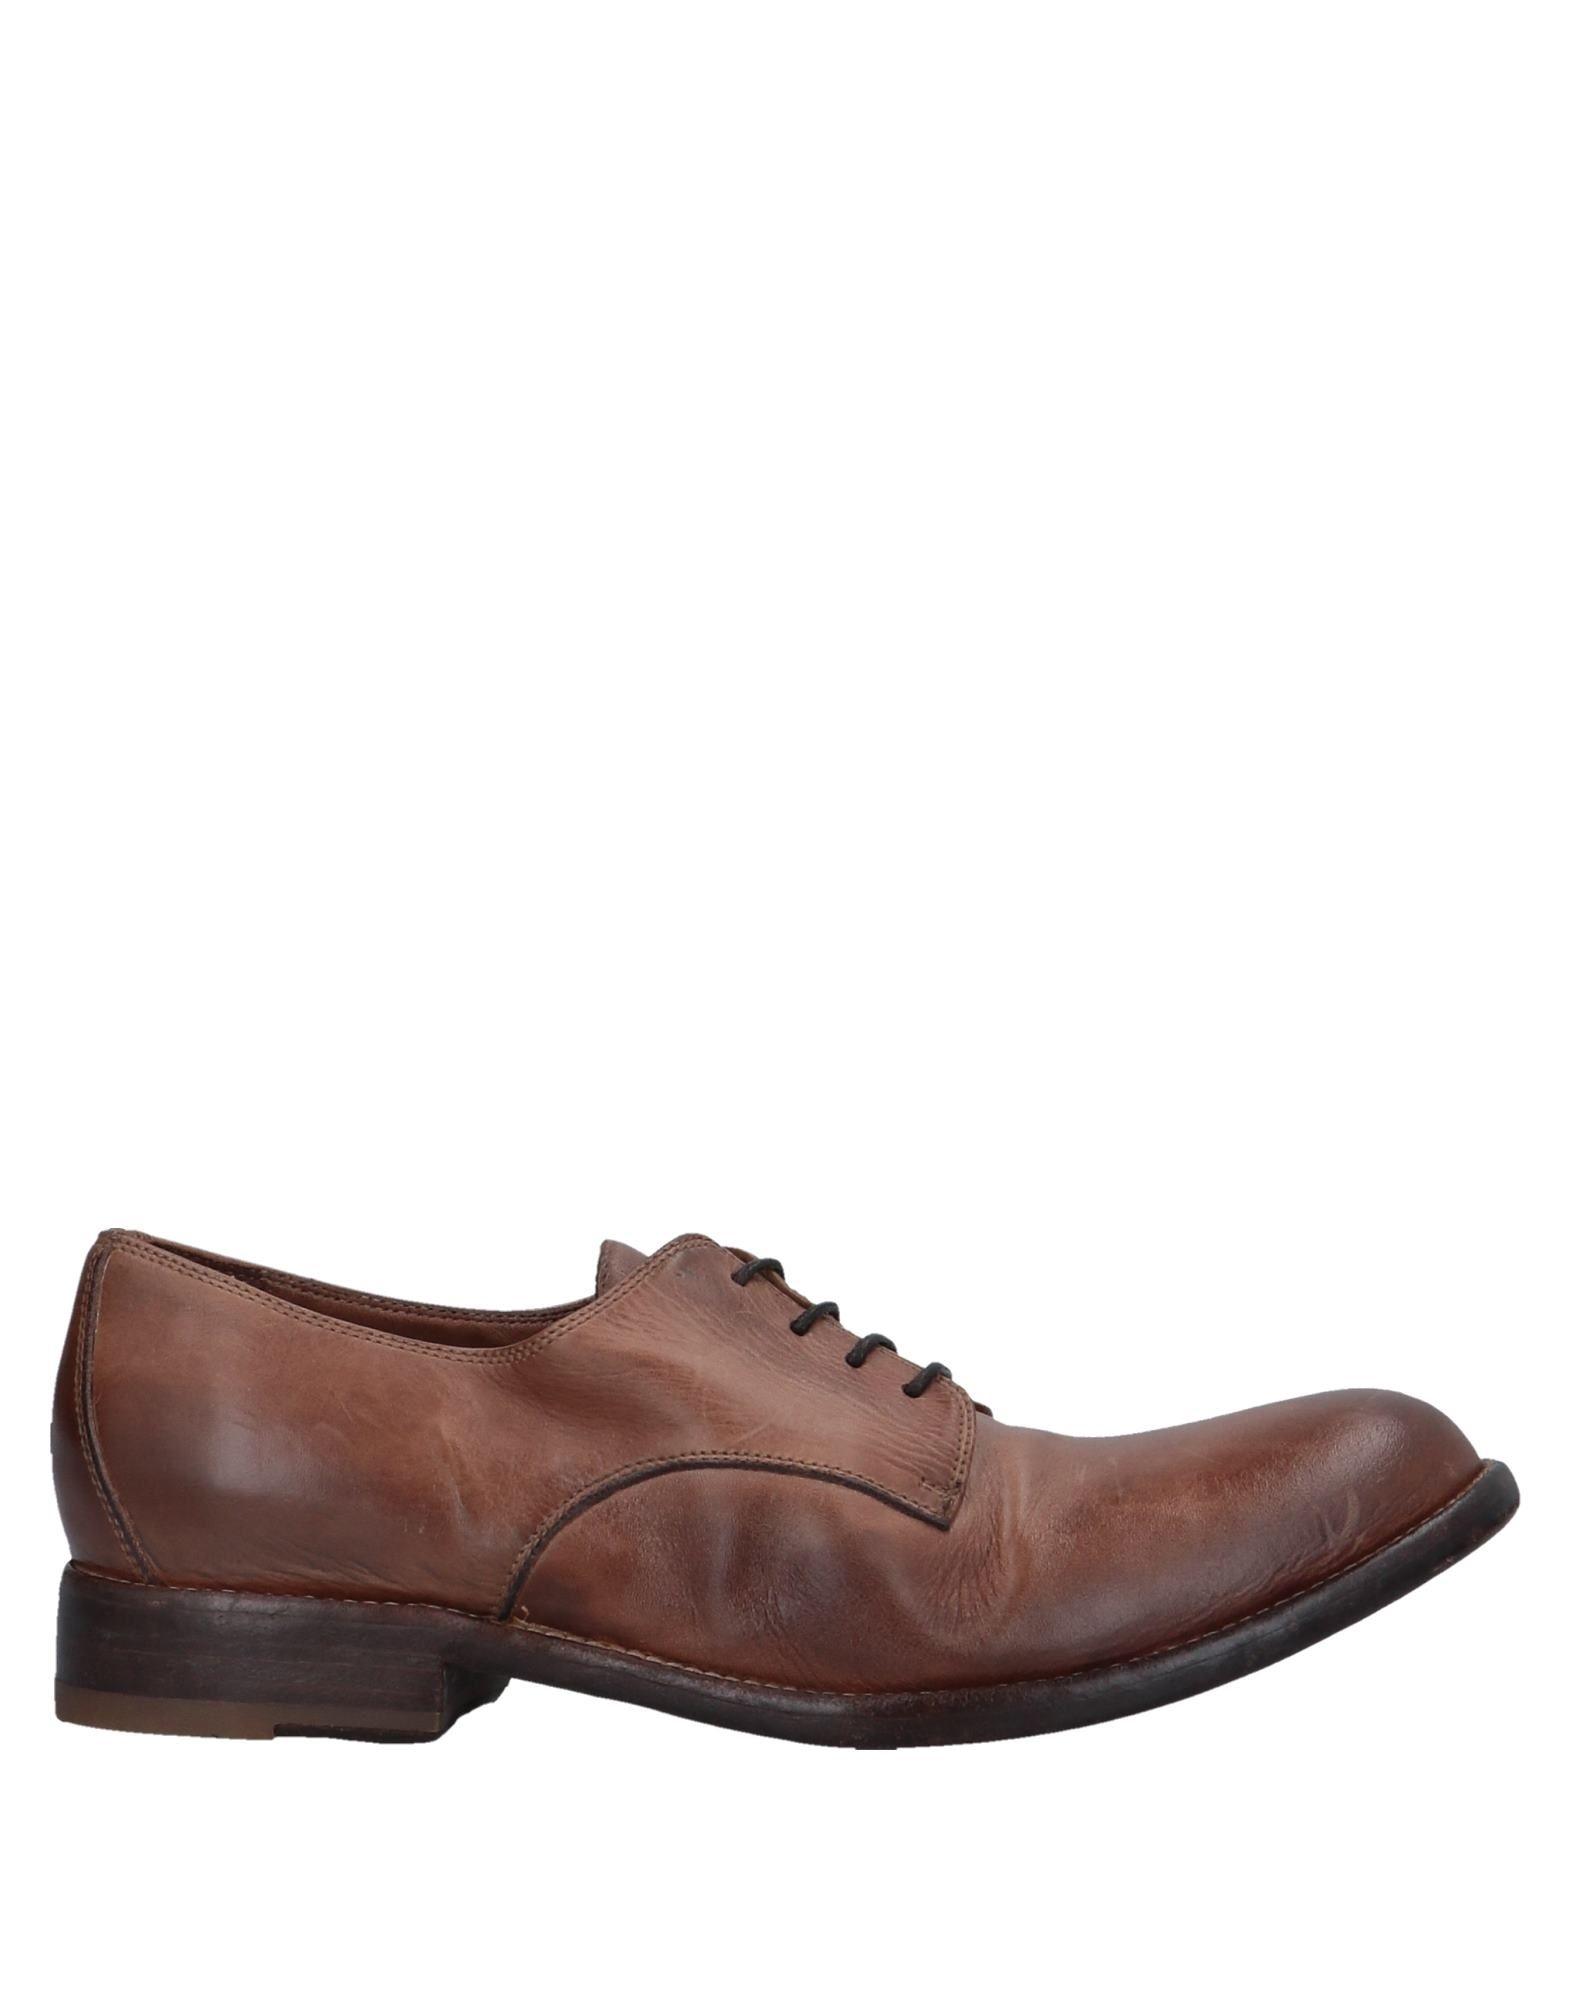 Фото - SARTORE Обувь на шнурках обувь на высокой платформе dkny